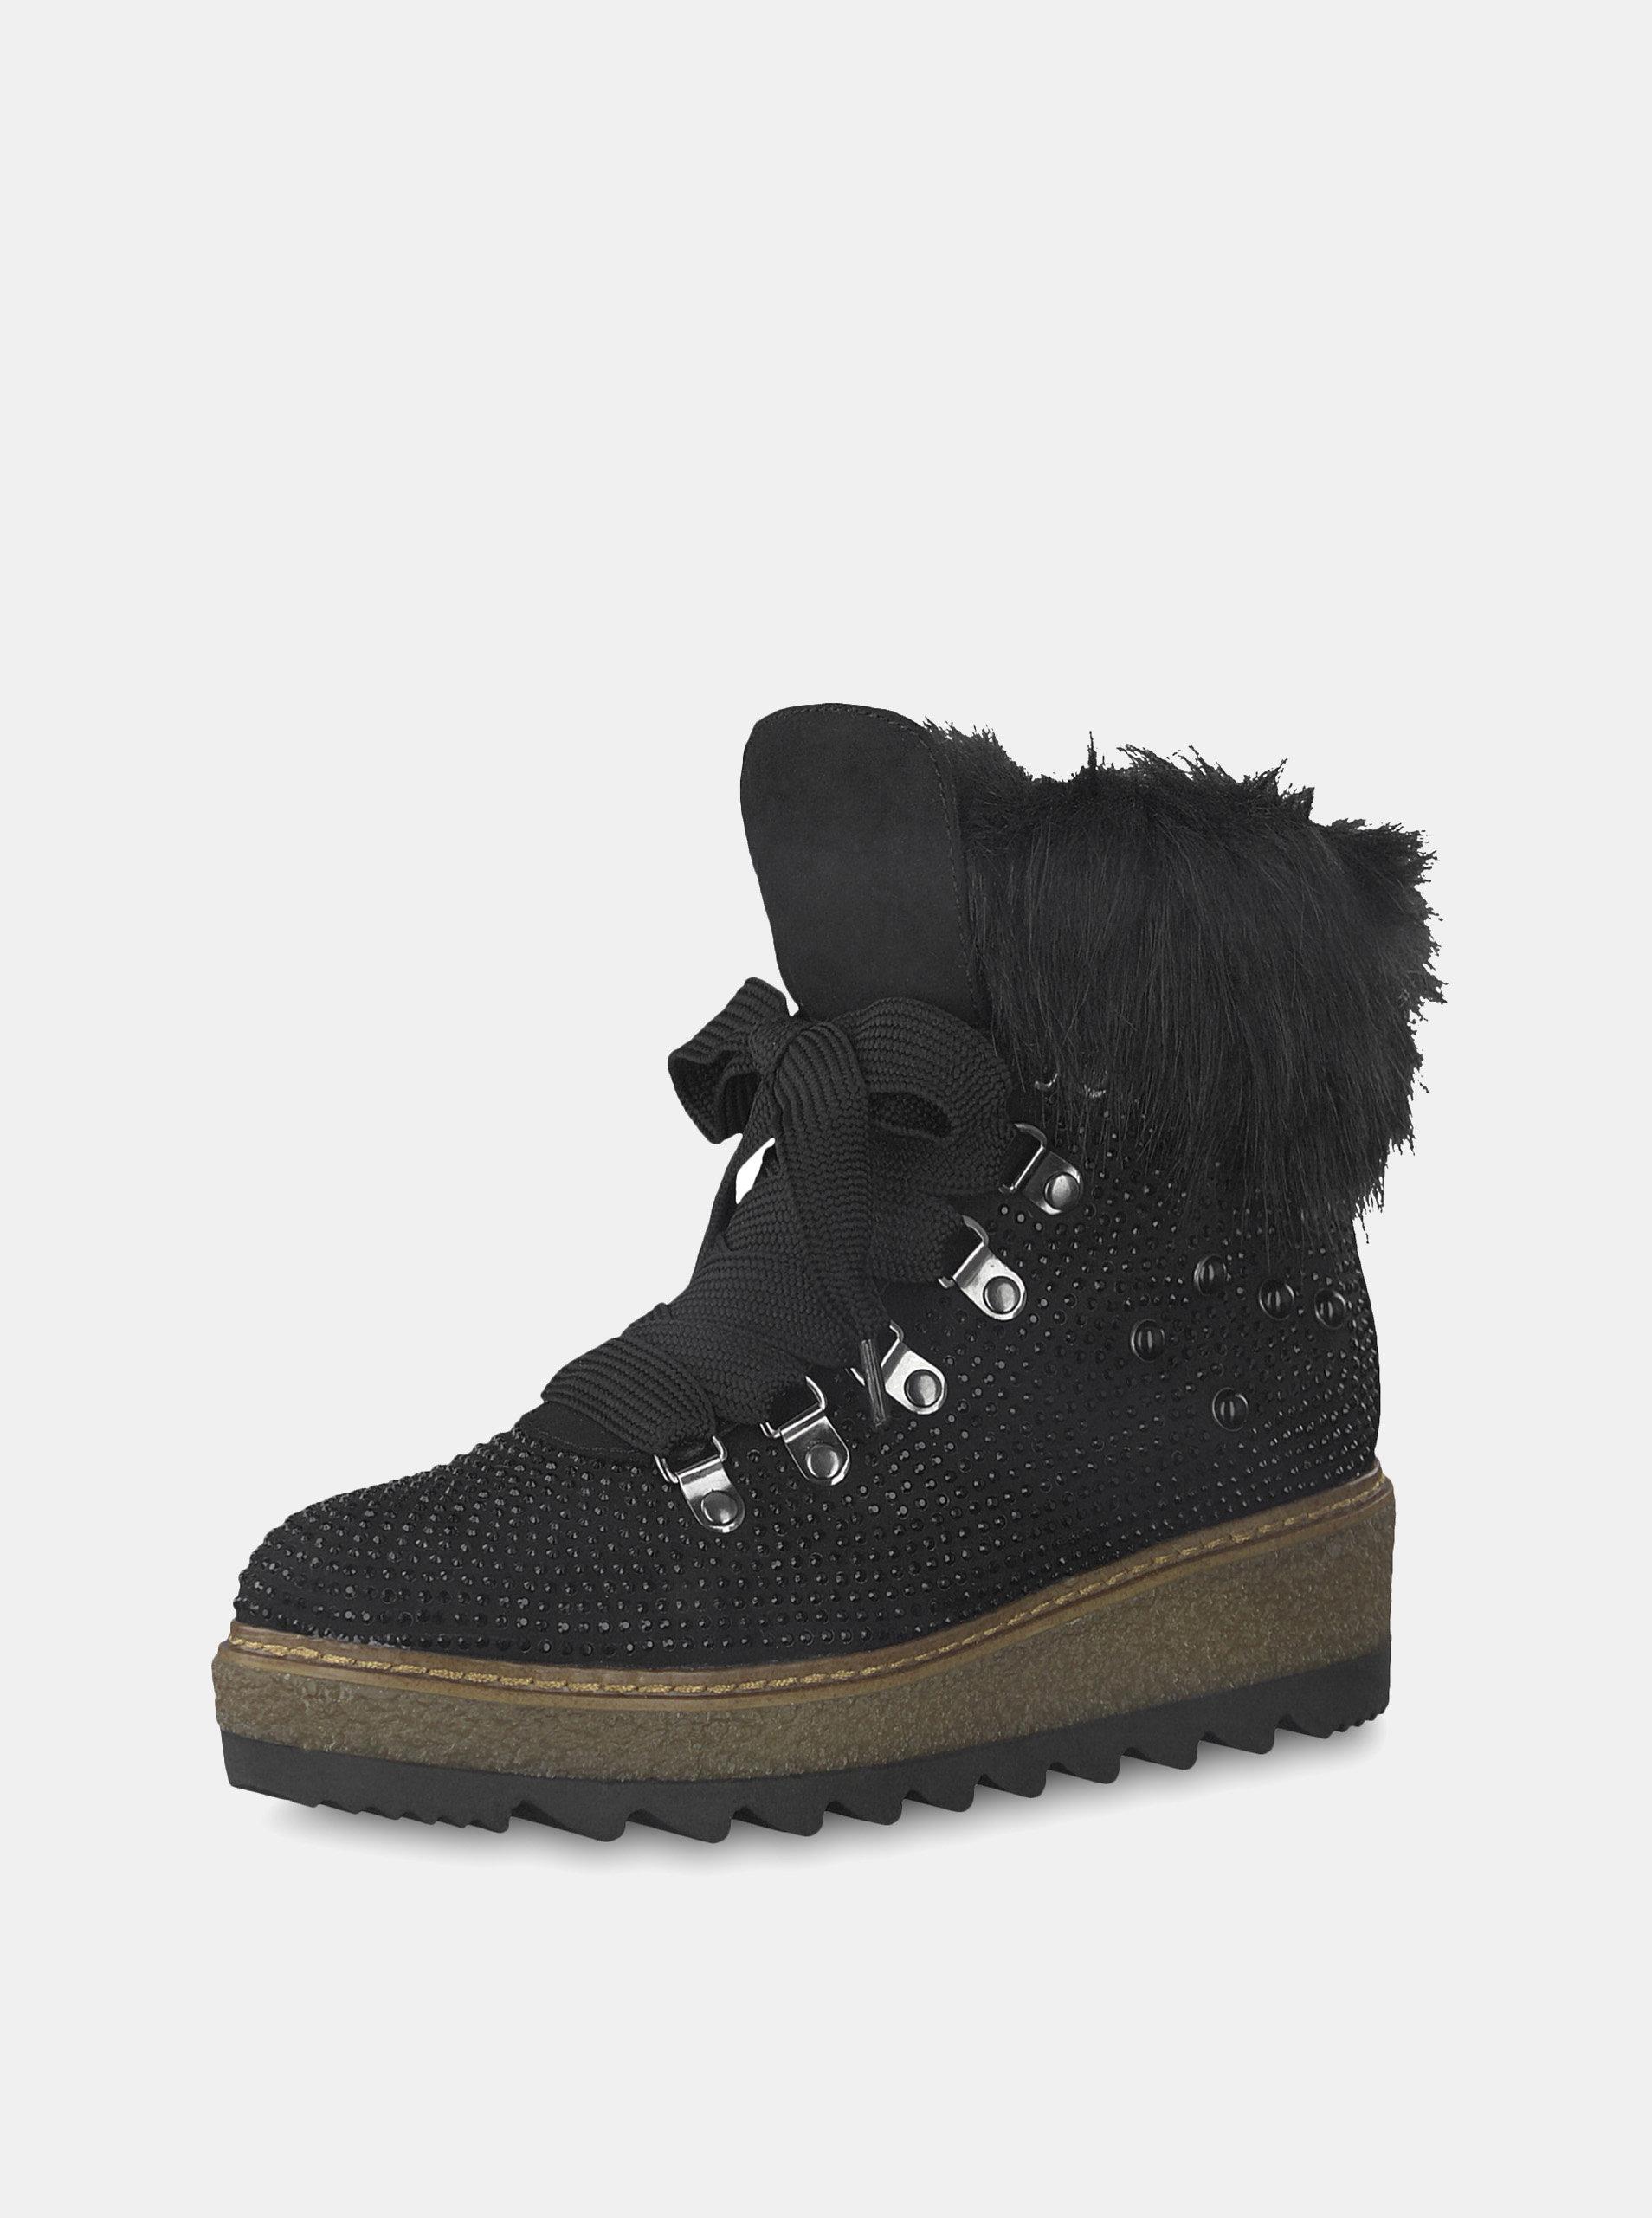 7d895d8c7d Černé zimní boty v semišové úpravě na platformě s ozdobnými kamínky Tamaris  ...